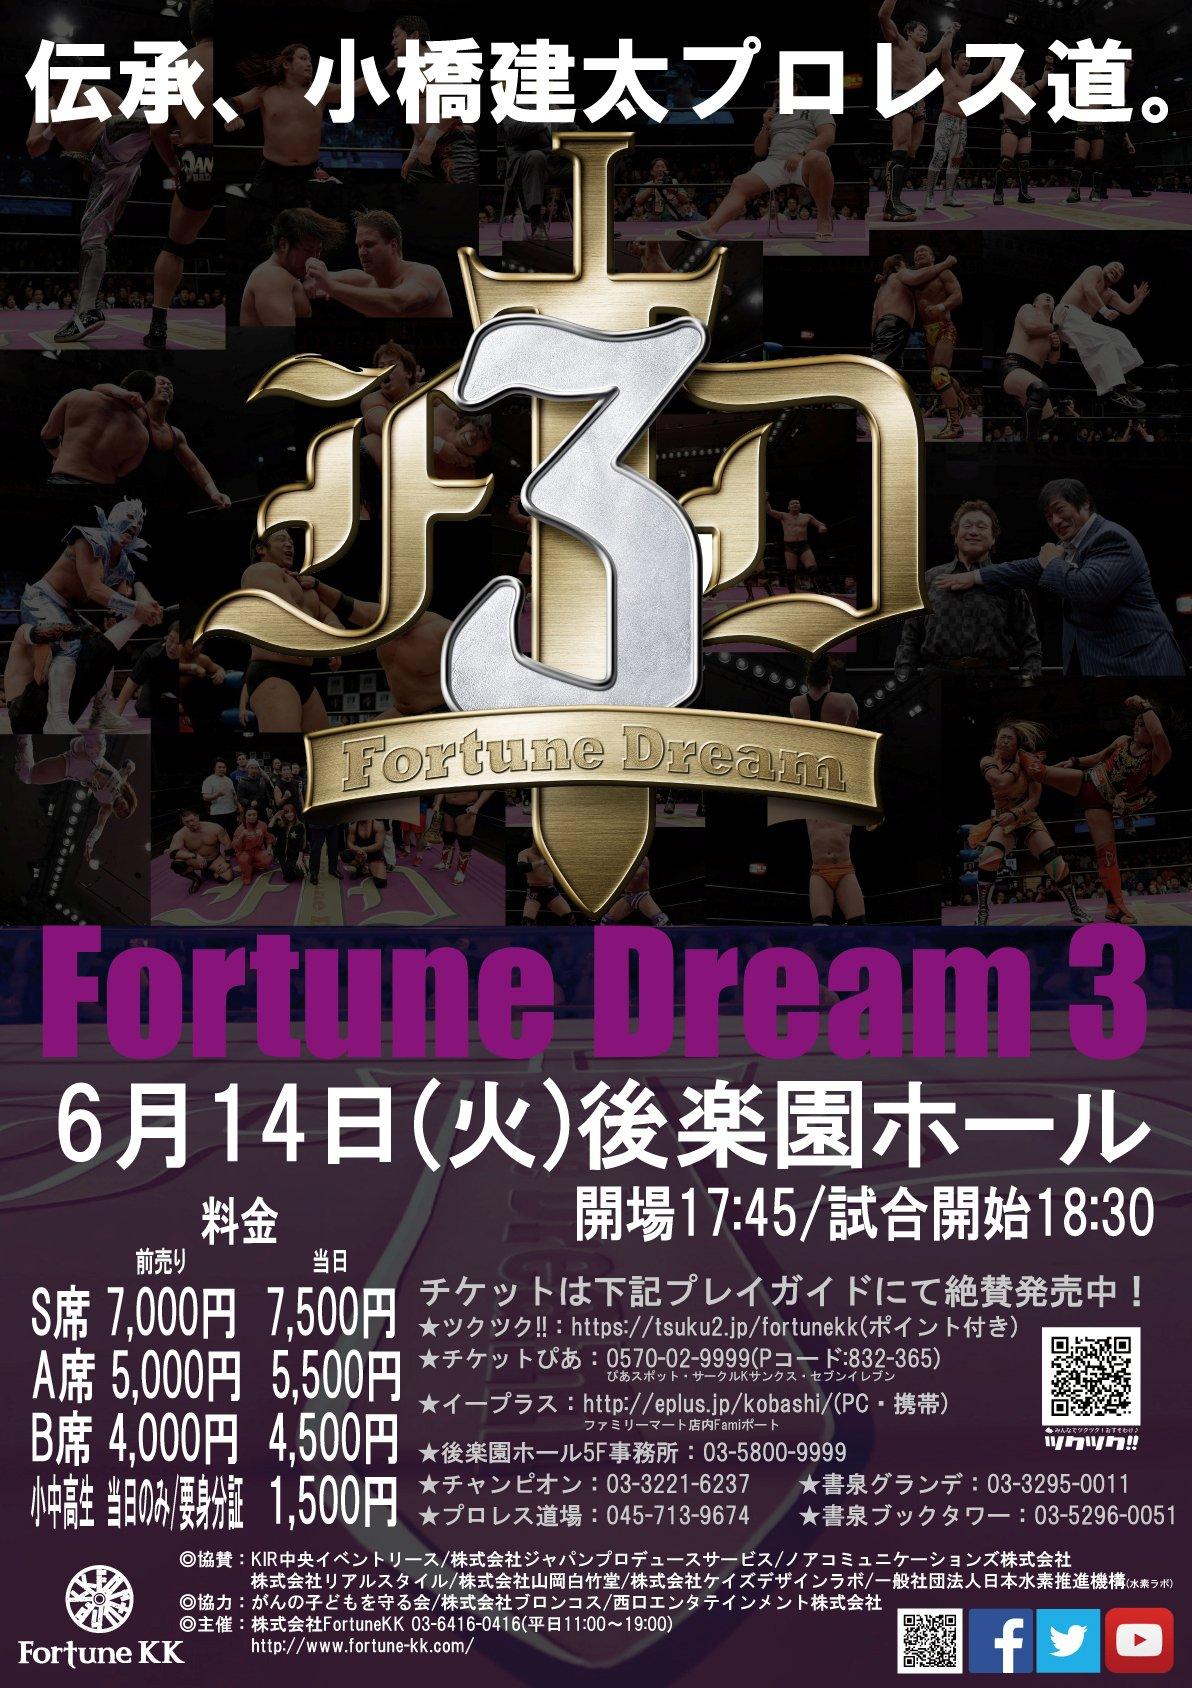 FortuneDream3協賛